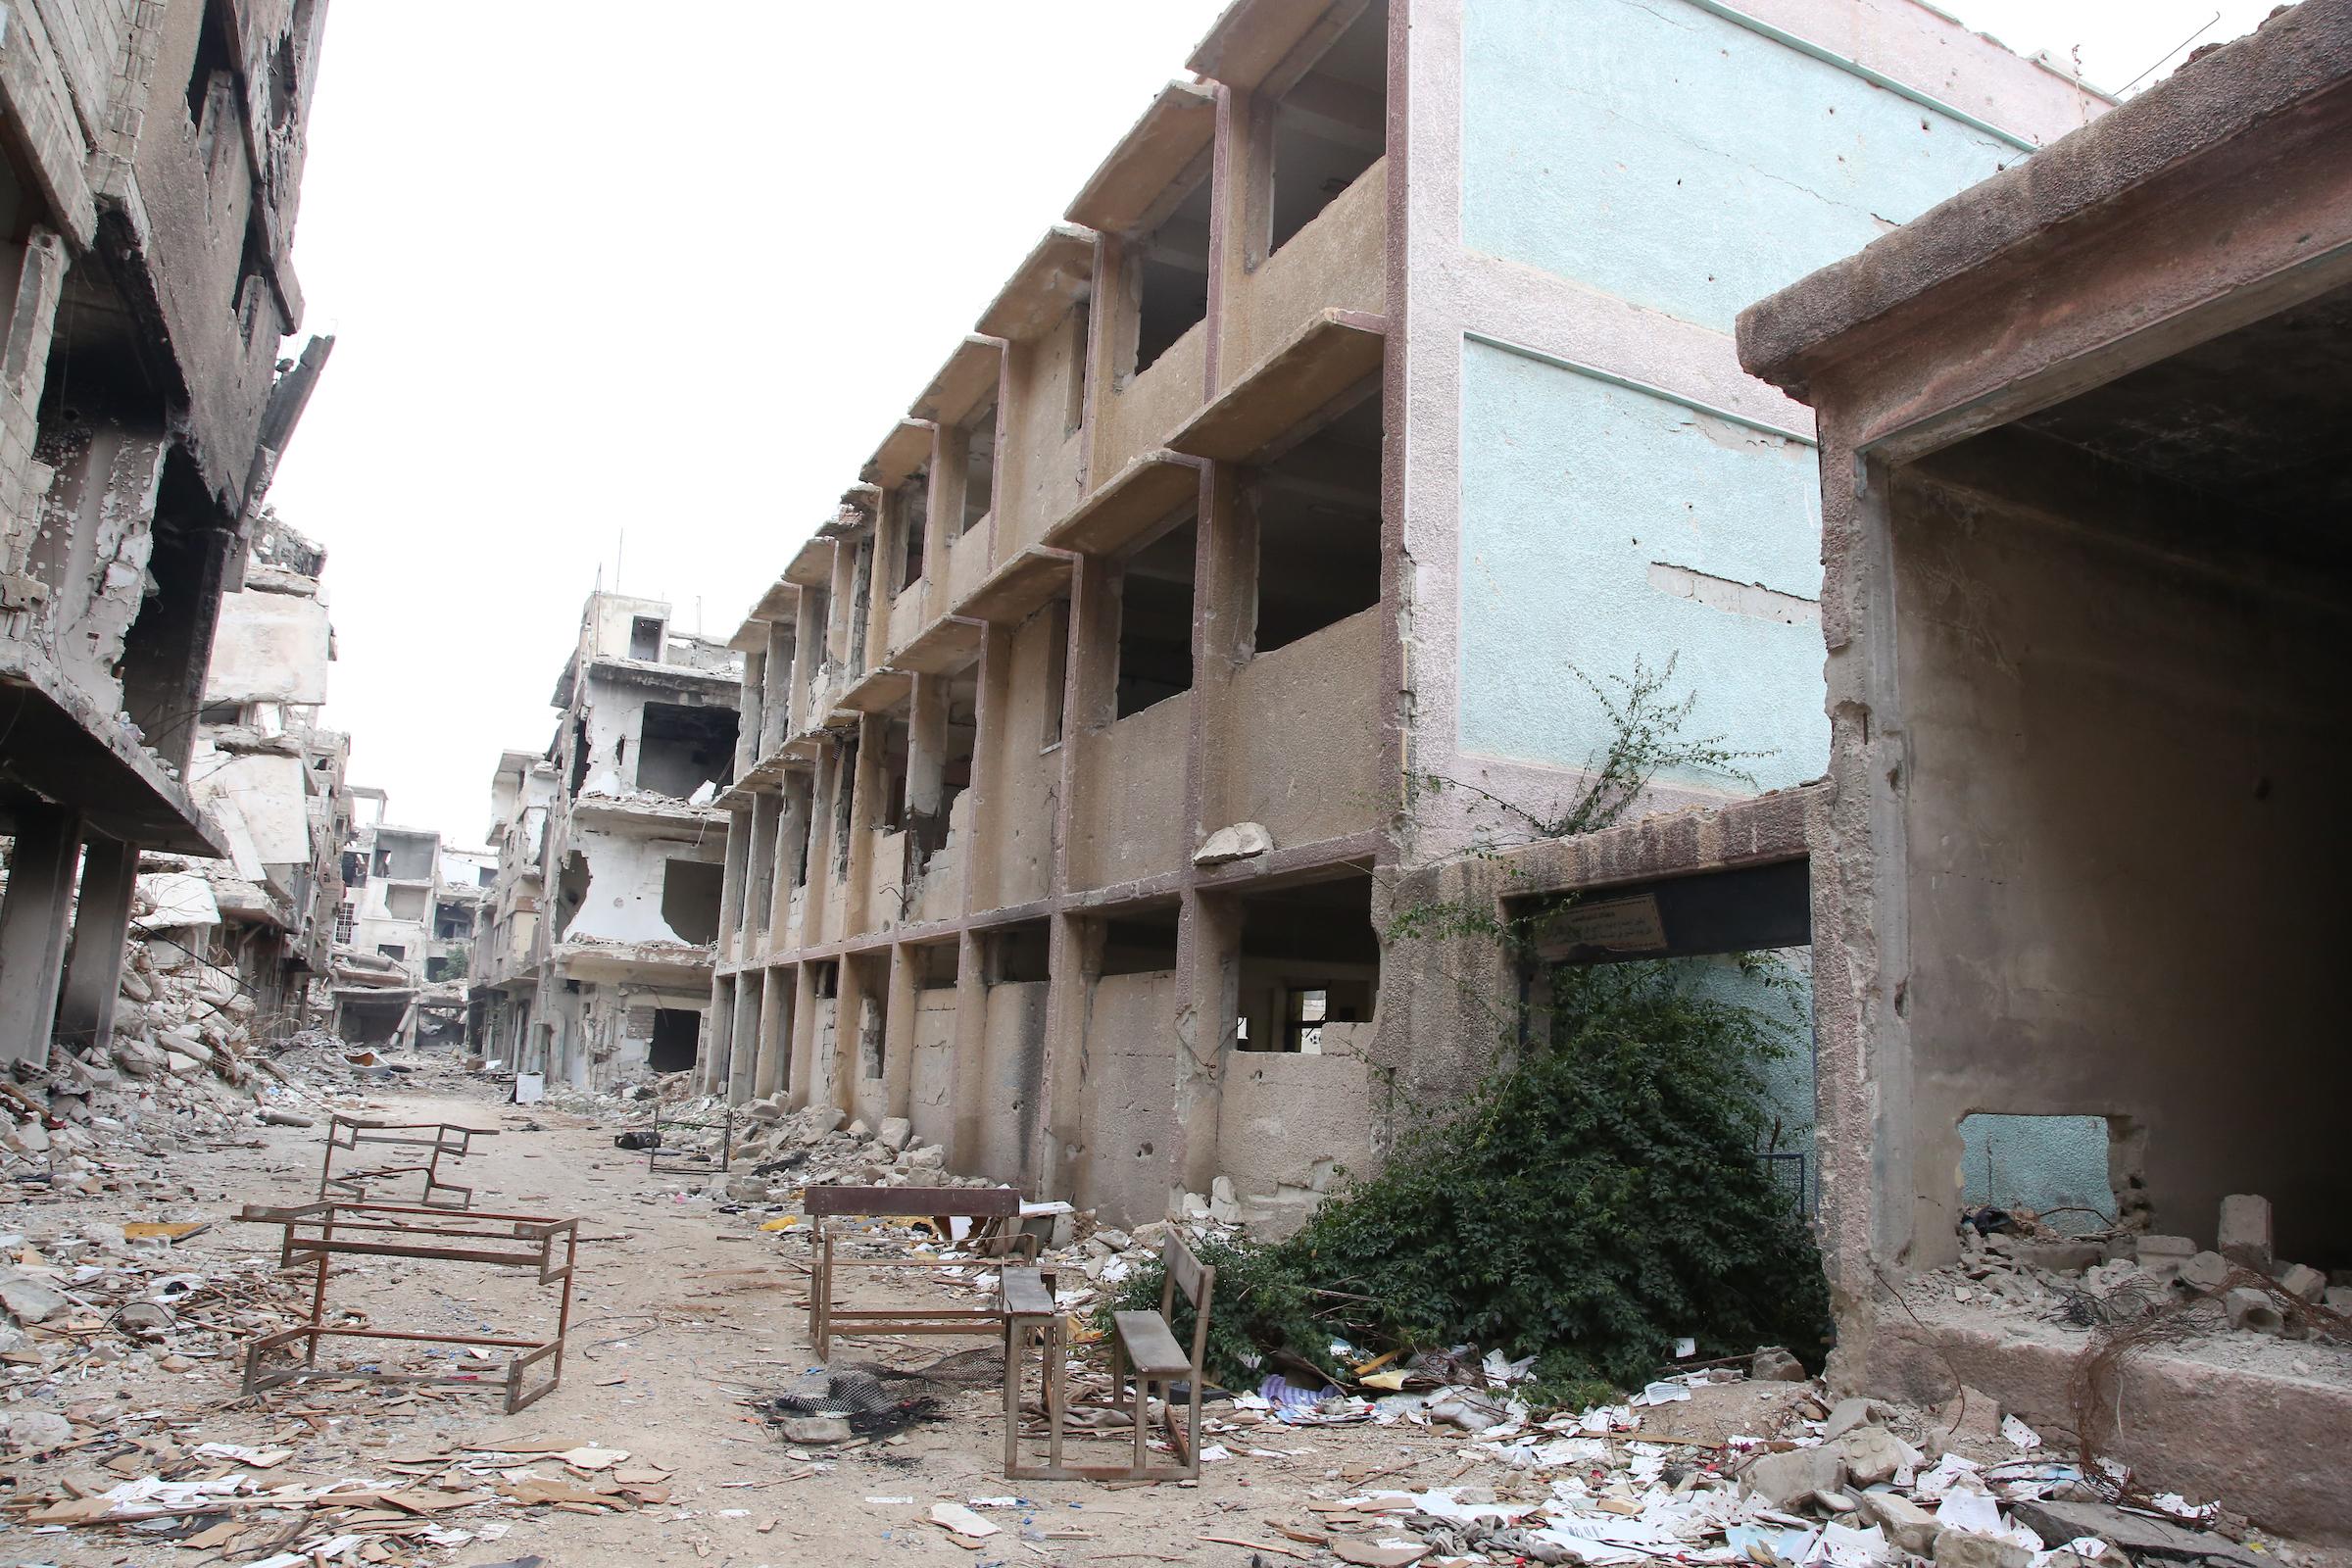 UN IMPACTO DE METRALLA CAUSA DAÑOS EN LA ESCUELA DE UNRWA EN HOMS, SIRIA